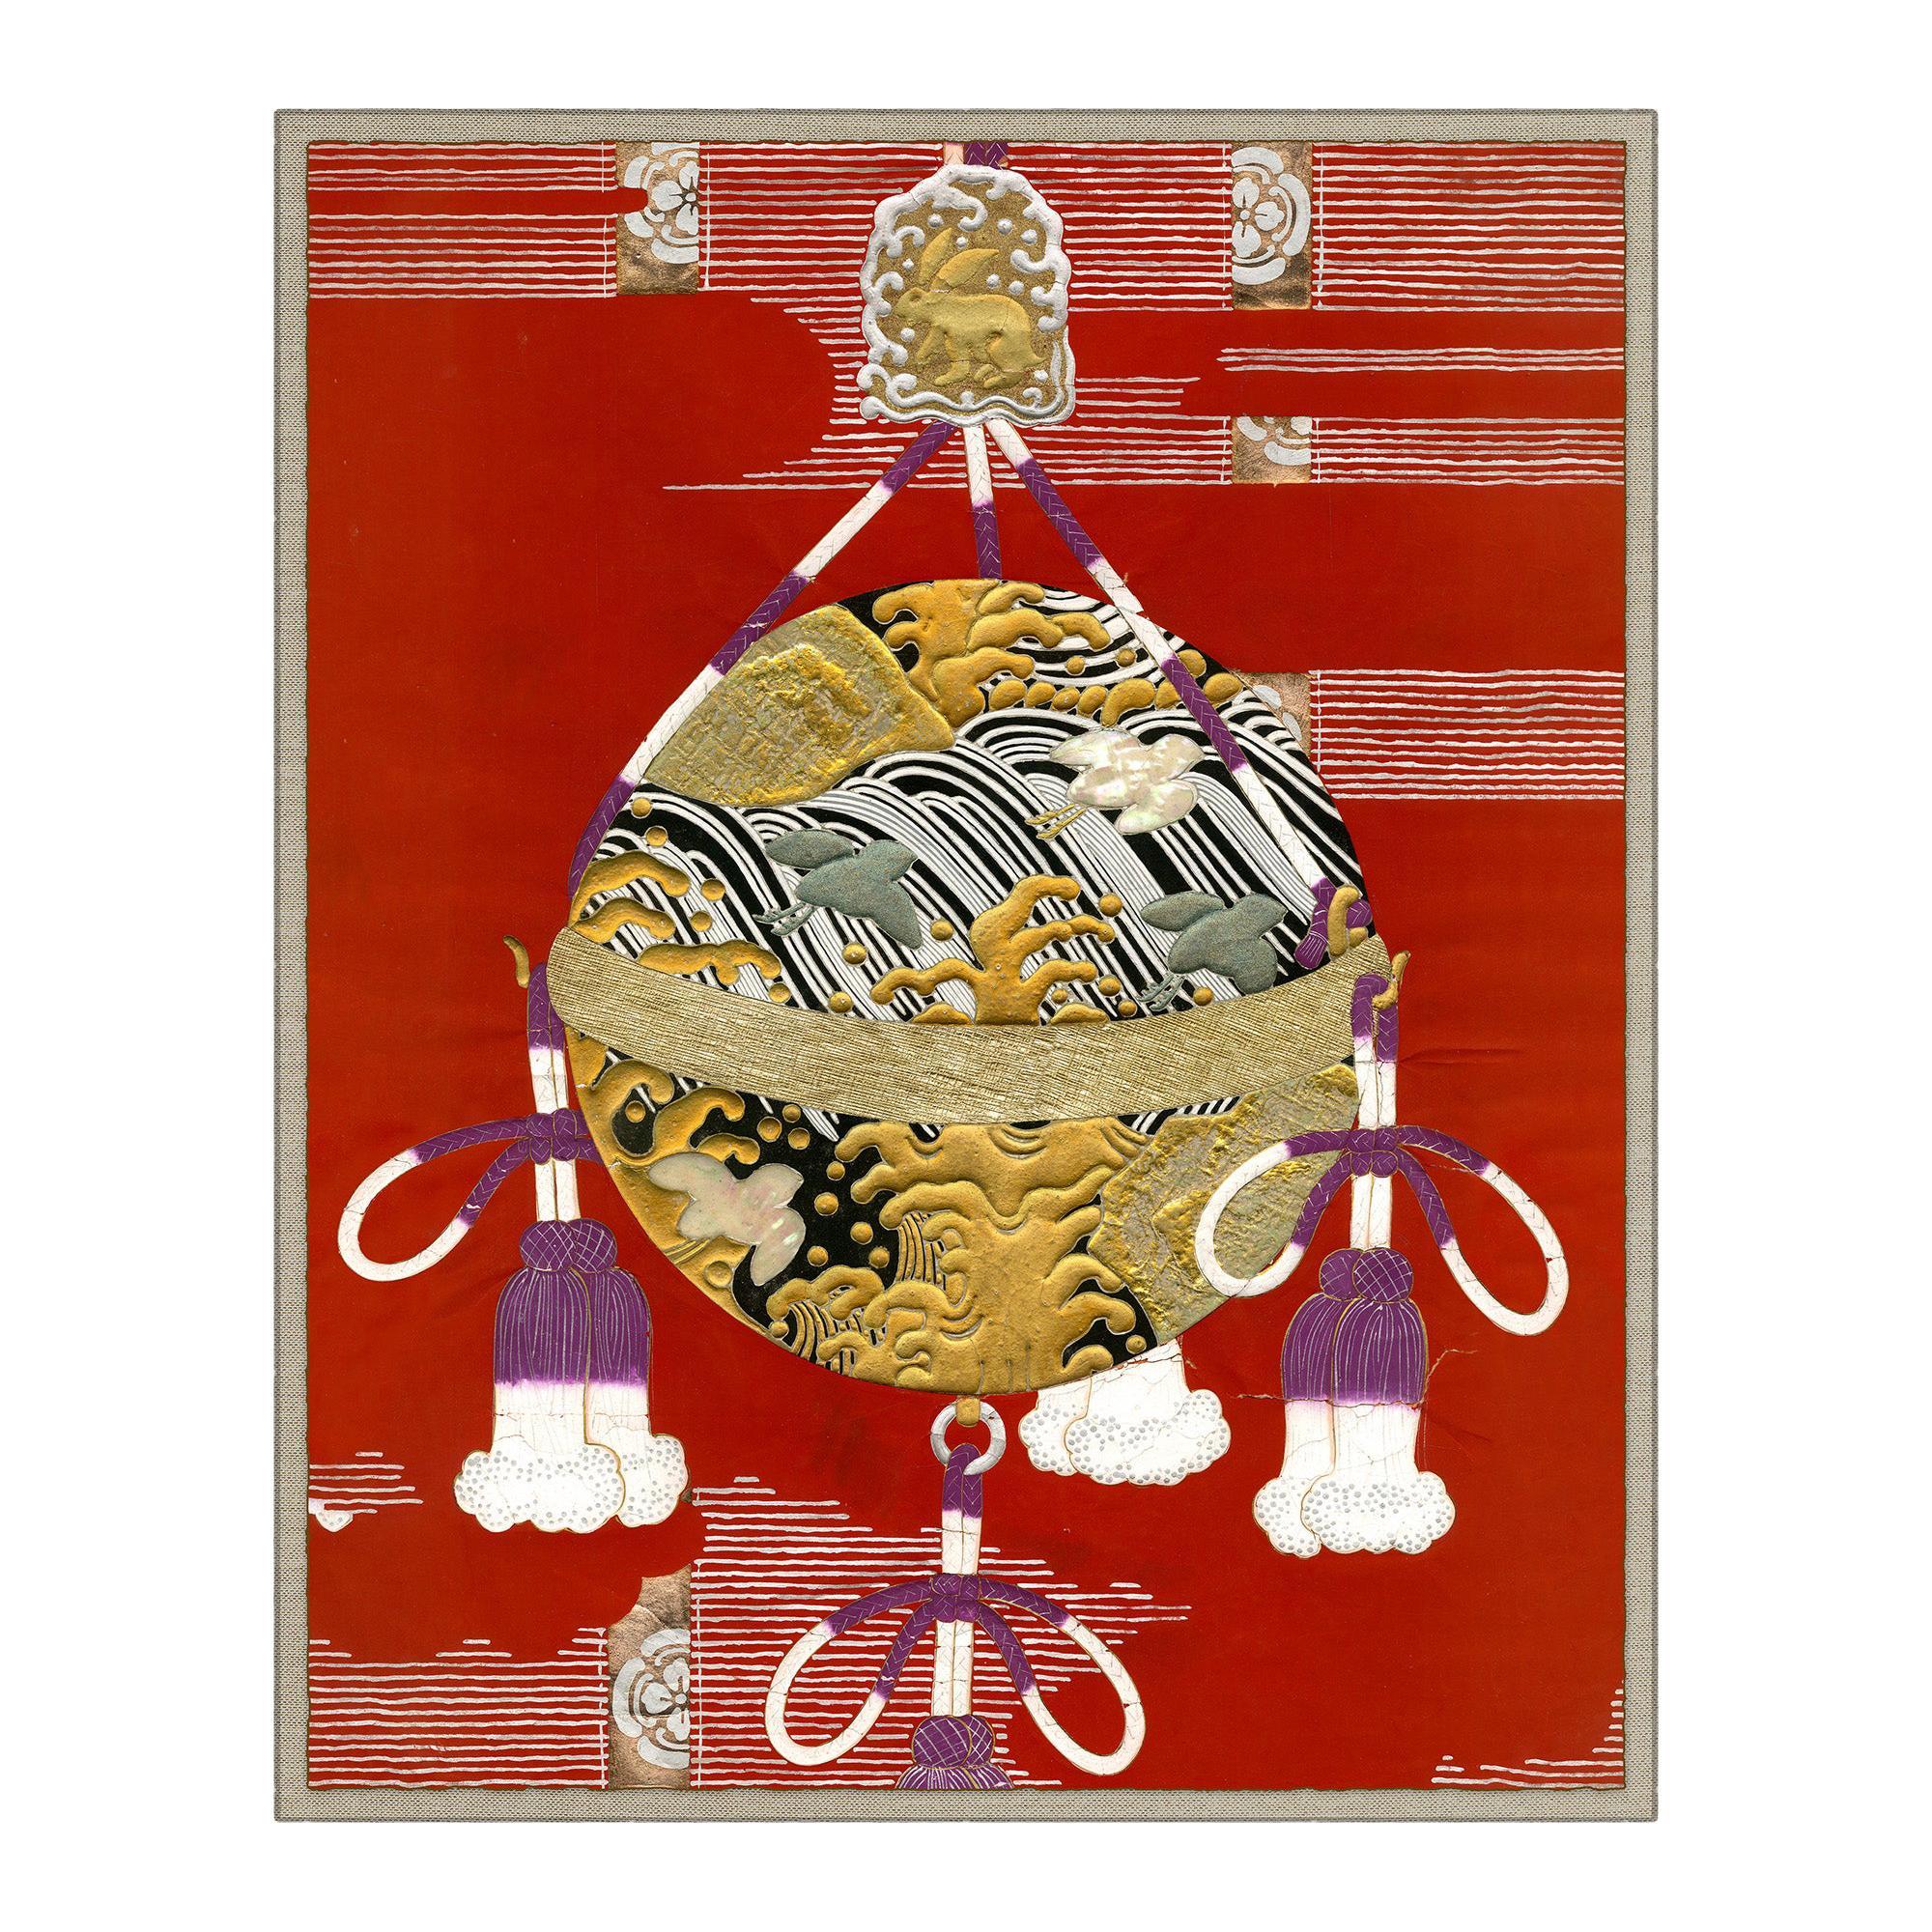 Festival Balloon Japanese Print by CuratedKravet